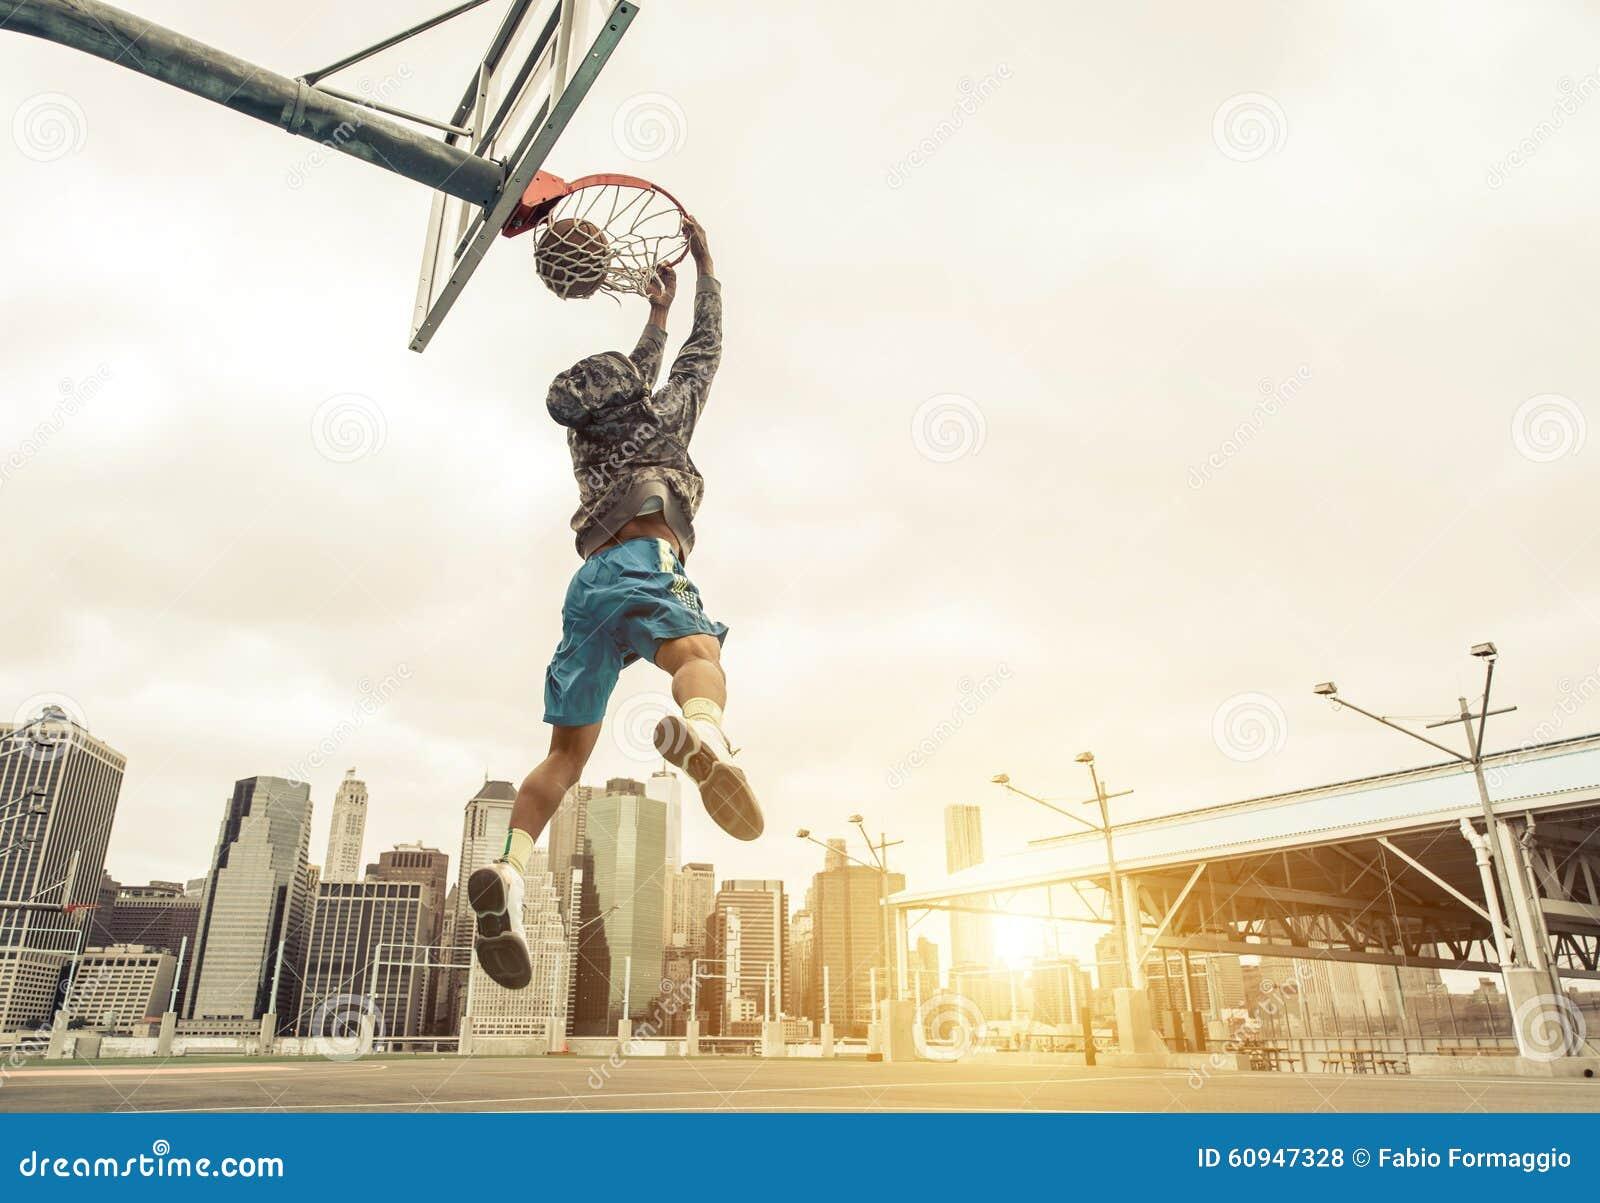 Le joueur de rue de basket-ball faisant un claquement arrière trempent